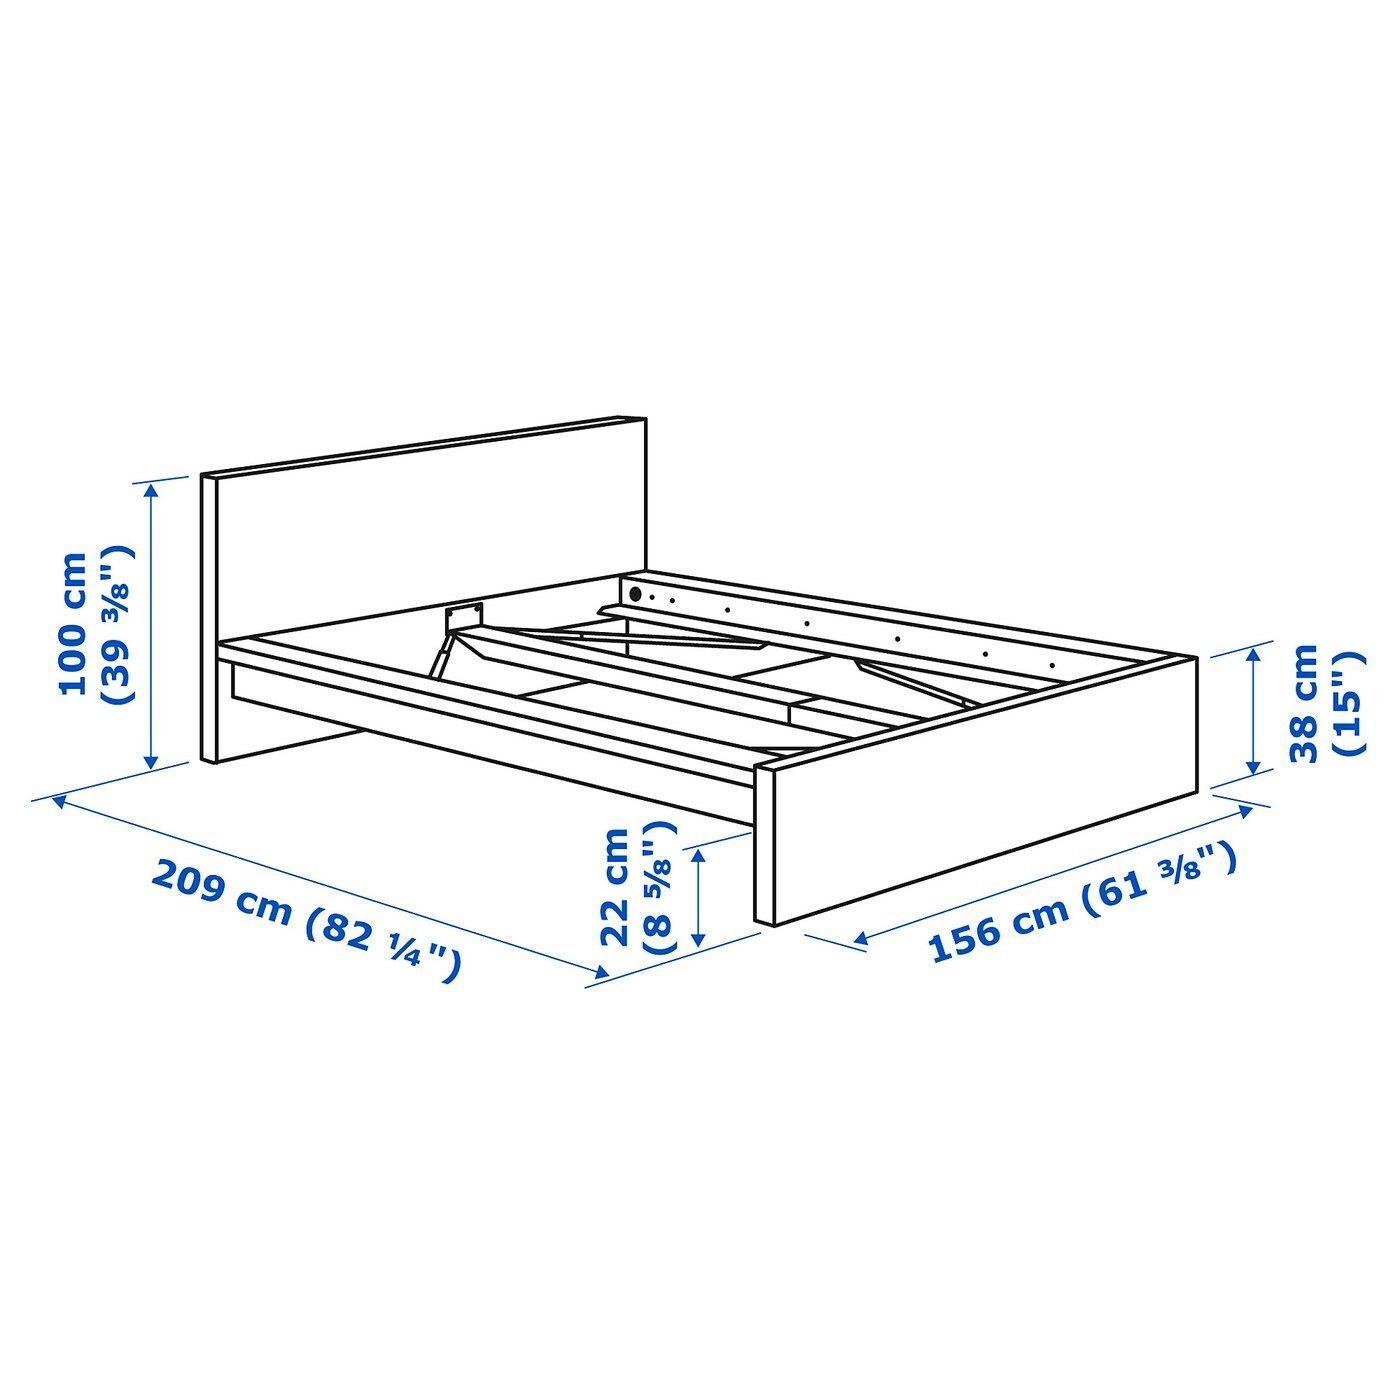 Malm Bettgestell Hoch Grau Las Ikea Osterreich Bettgestell Grau Hoch Ikea Las Malm Osterreich In 2020 Malm Bett Ikea Malm Bett Verstellbare Betten